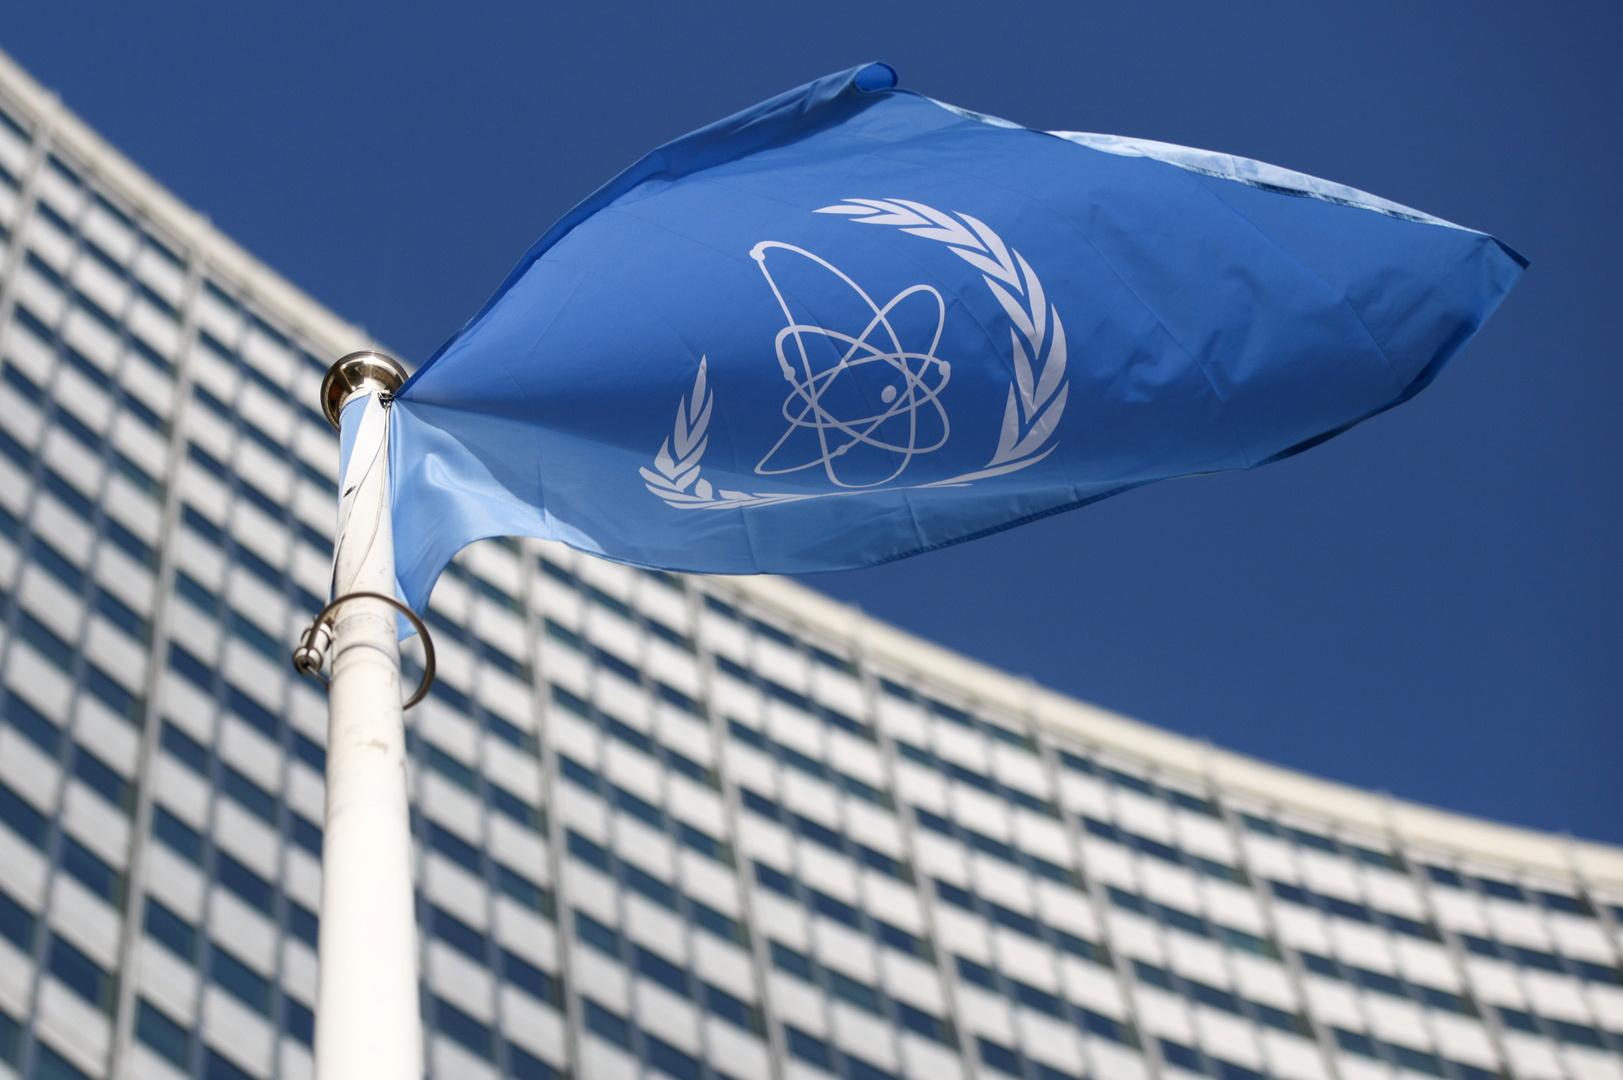 روسيا تدعو لعدم استغلال الوكالة الدولية للطاقة الذرية لتصفية الحسابات مع سوريا